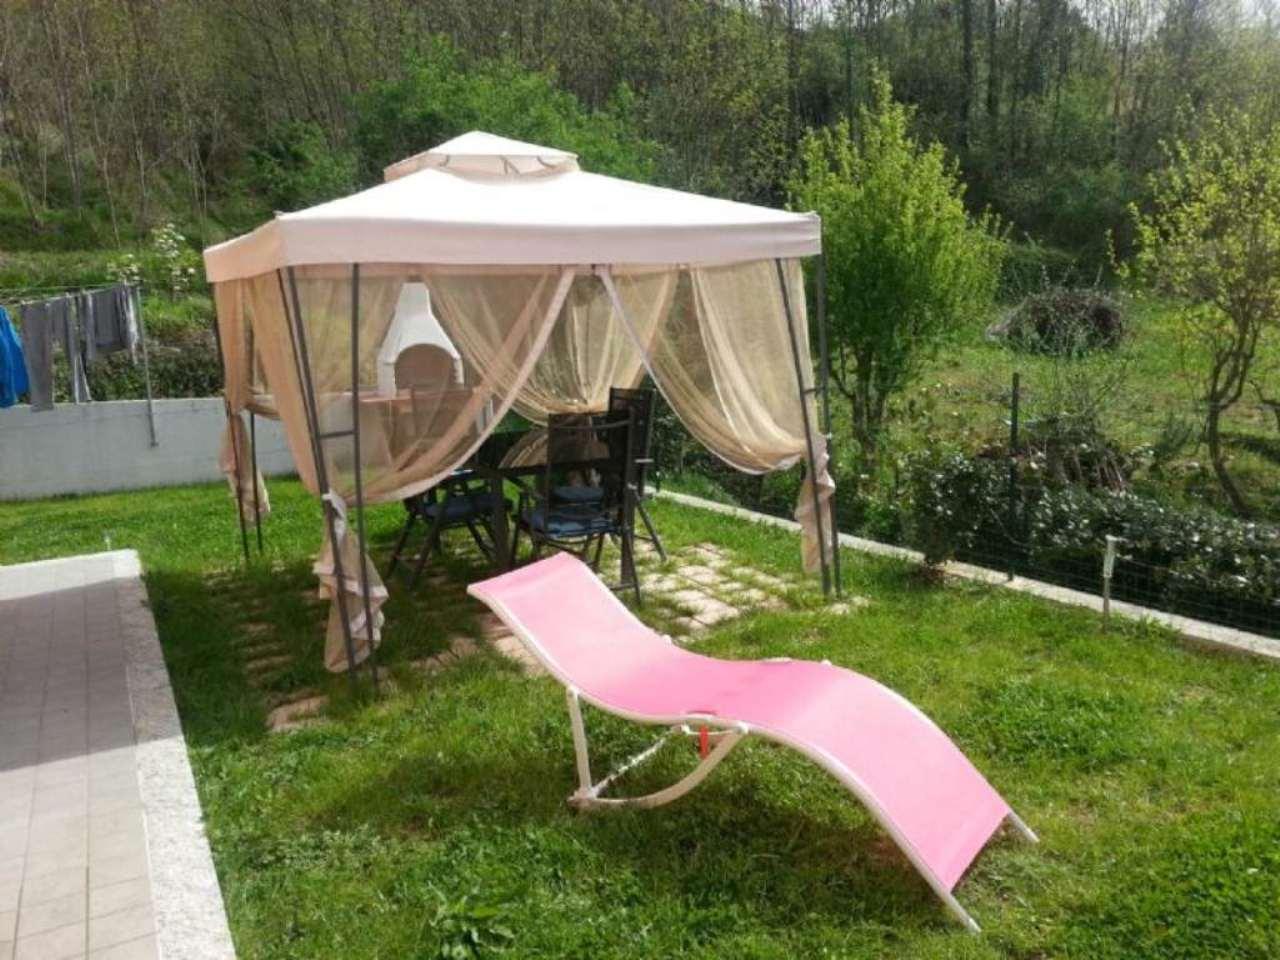 Appartamento in vendita a Riccò del Golfo di Spezia, 5 locali, prezzo € 190.000 | CambioCasa.it